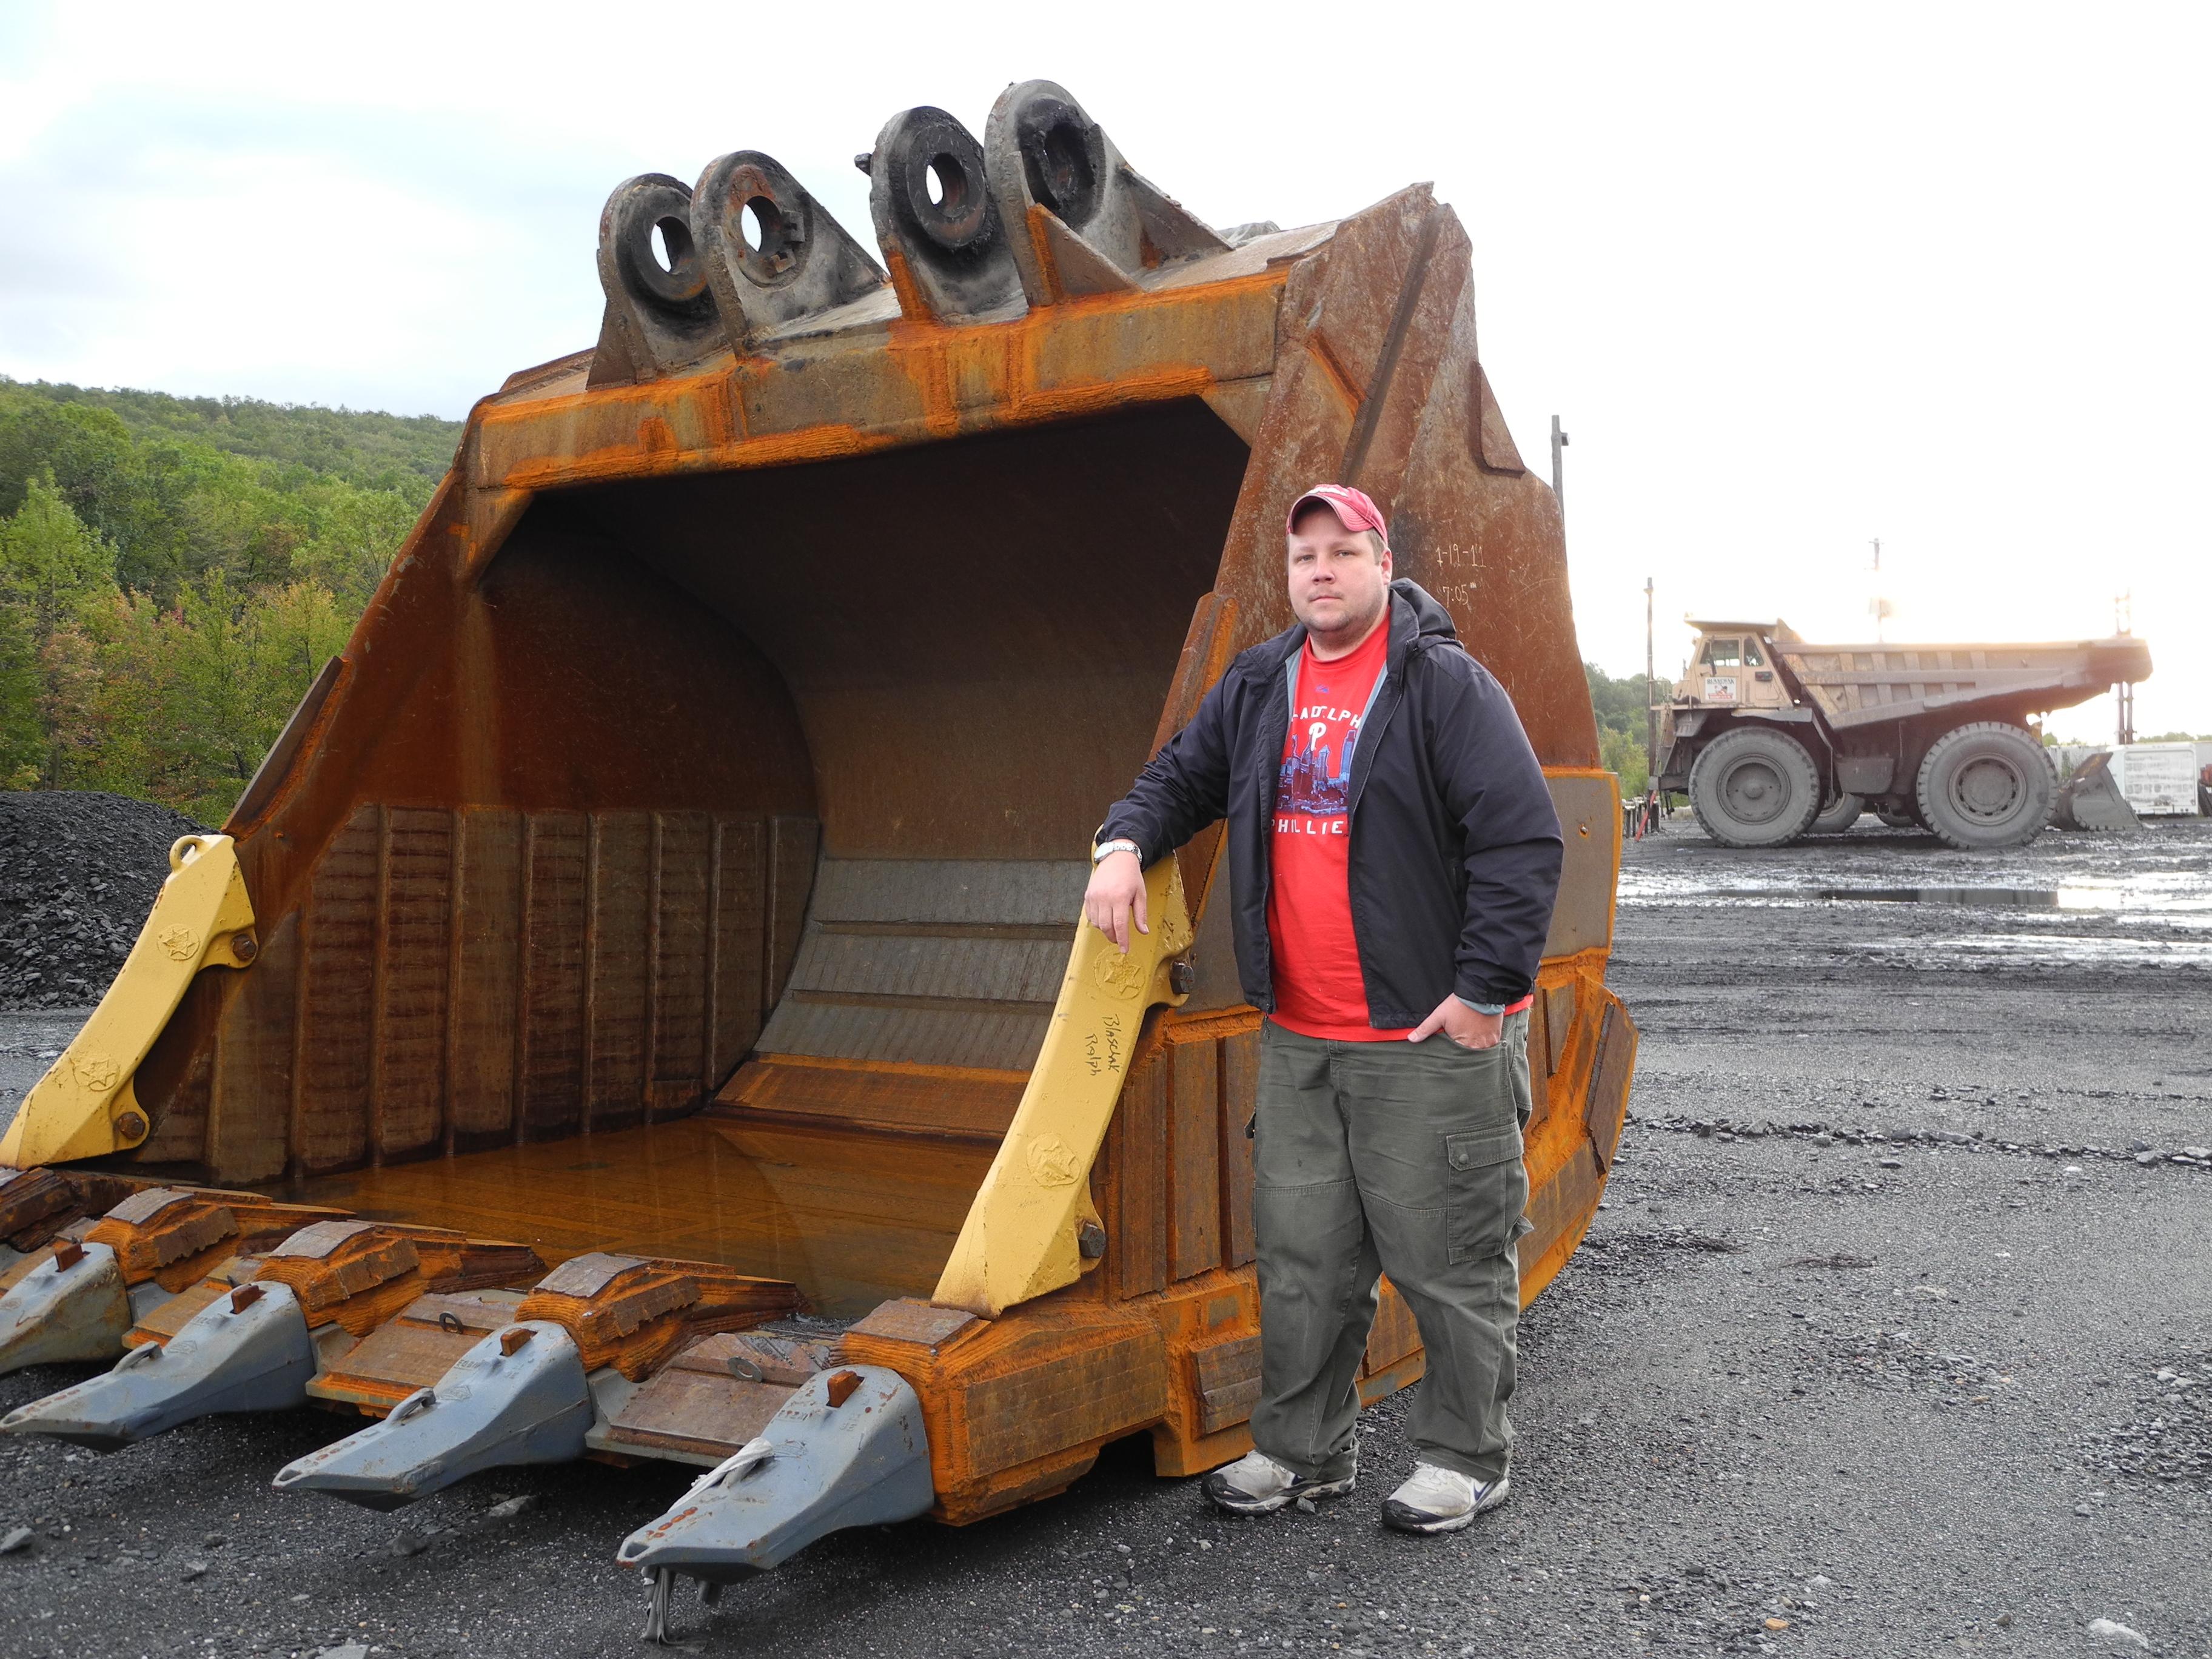 Coal adventures.